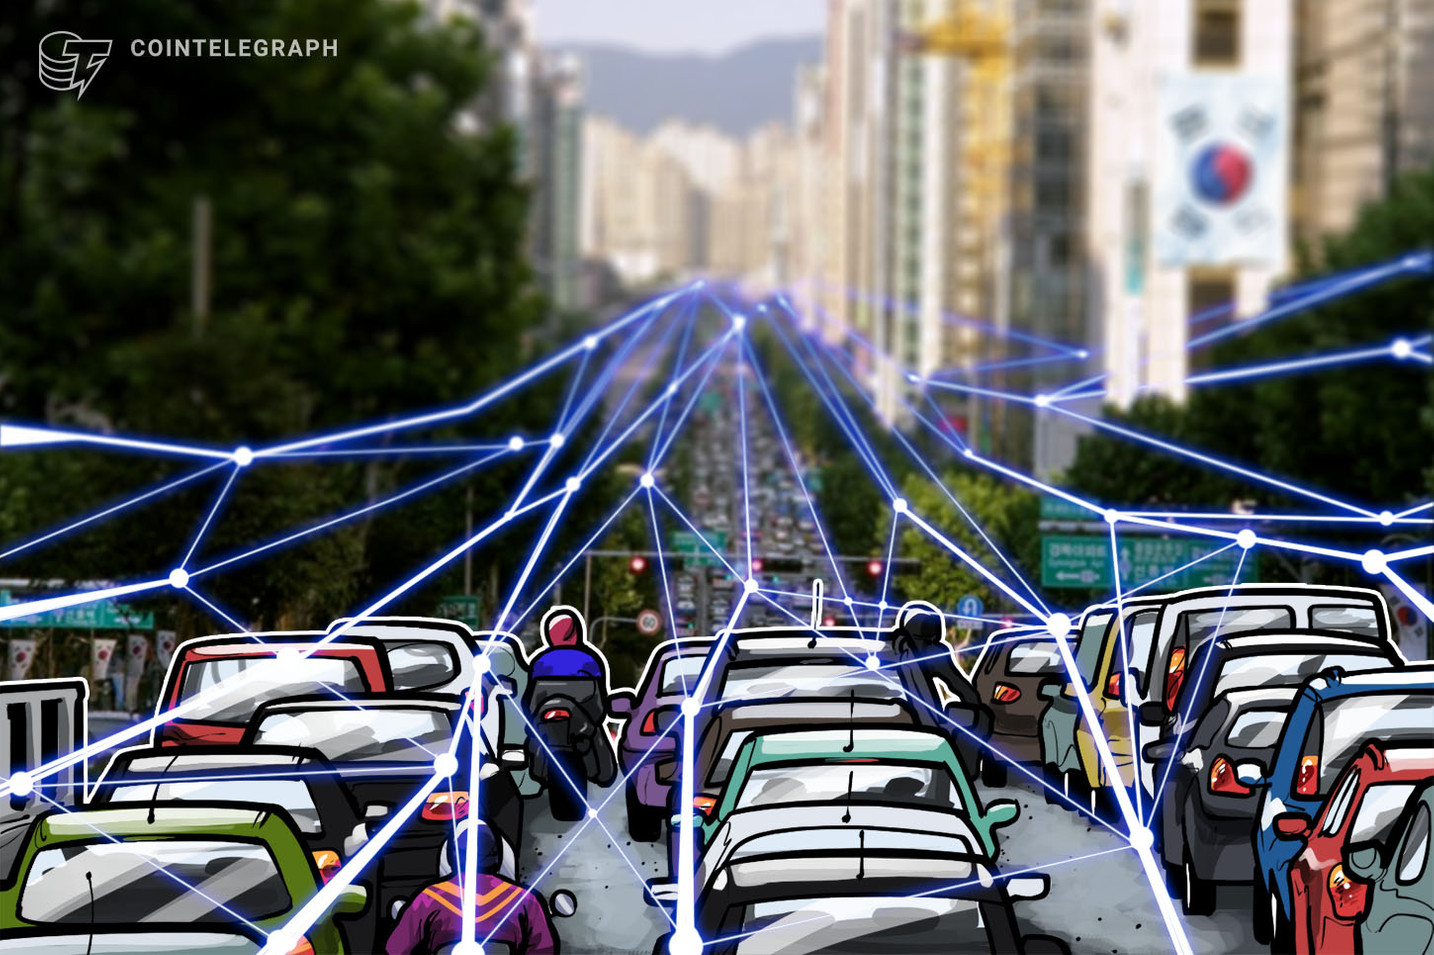 Tecnologia blockchain pode ajudar a controlar o transporte público em Teresina - PI